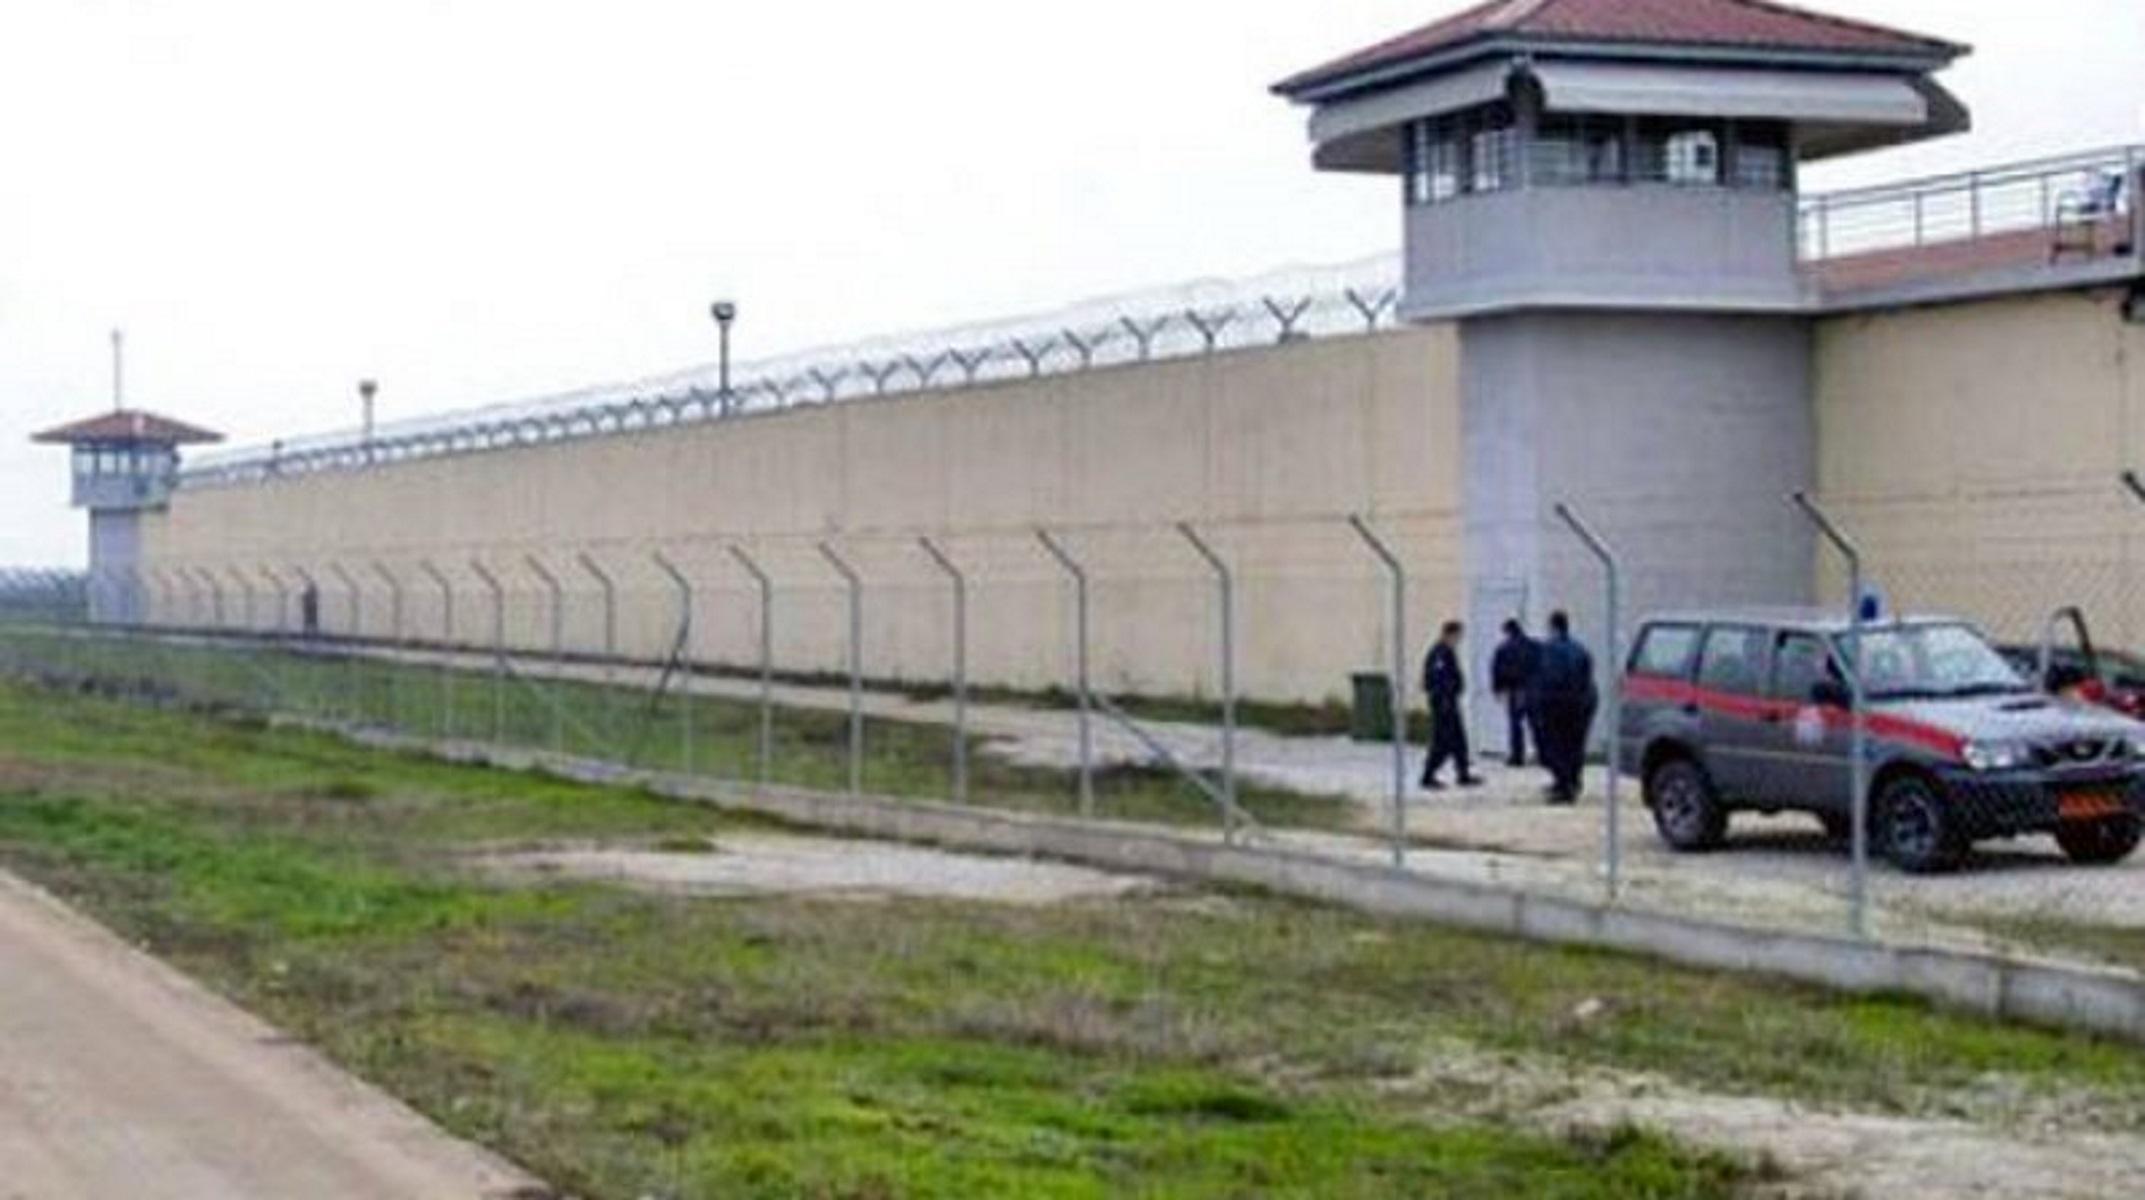 Τρίκαλα: Πέθανε ο κρατούμενος που κατάπιε 11 σακουλάκια με ναρκωτικά